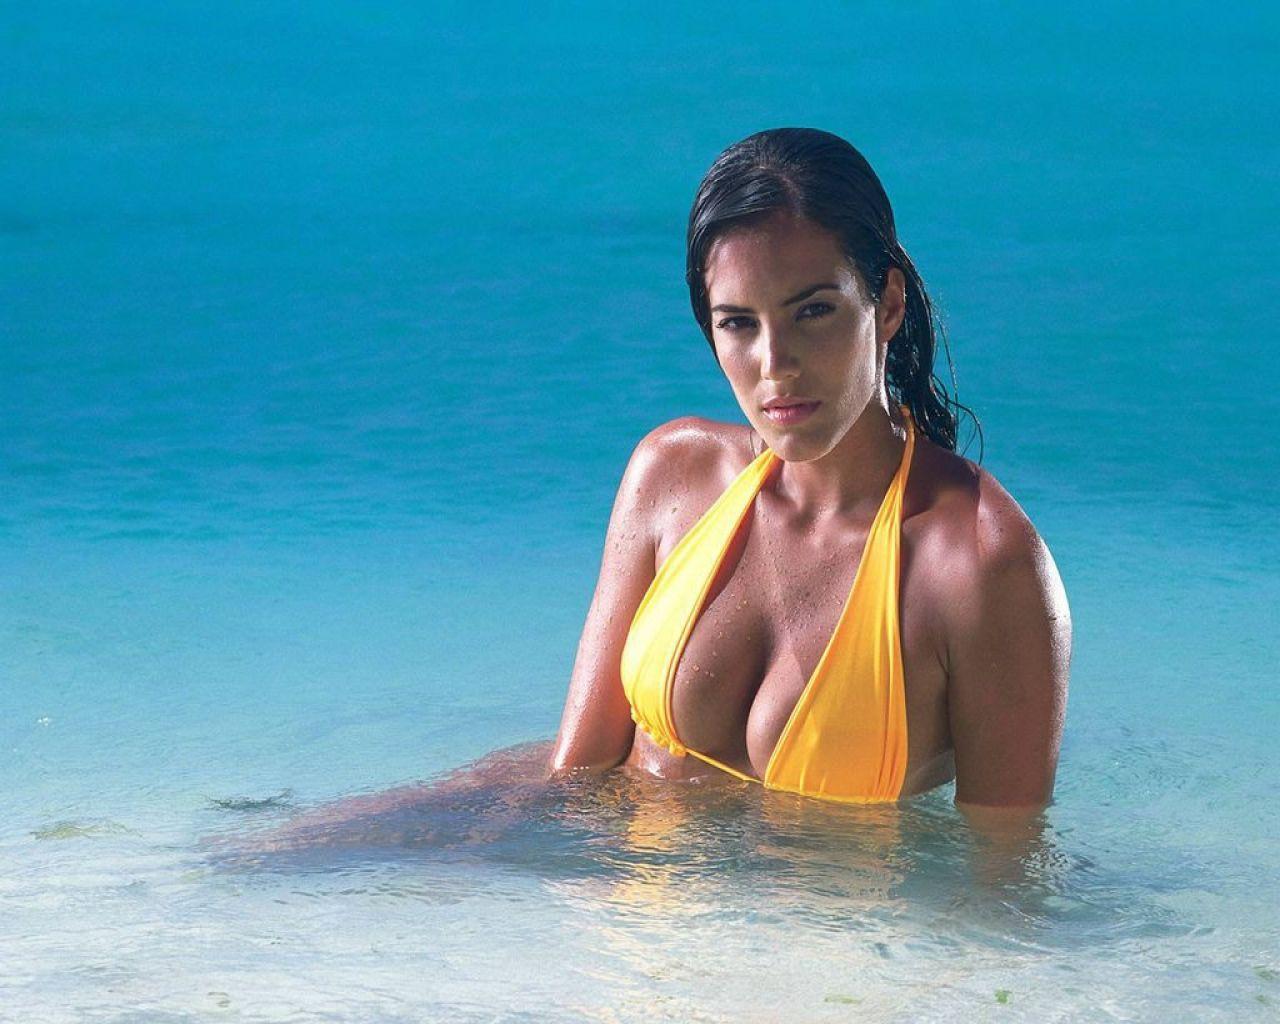 gaby espino bikini 2013 | Scarlet Ortiz | Bikini | Bikinis ...